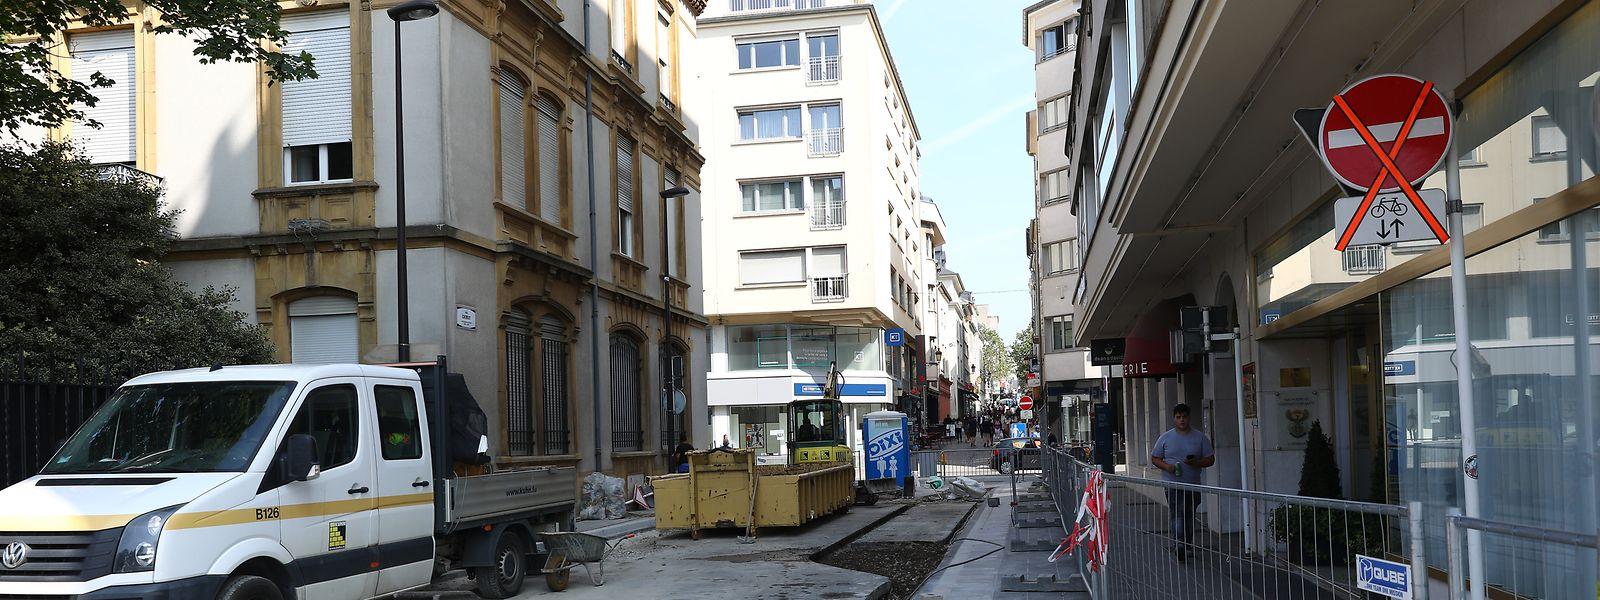 Die Bauarbeiten deuten bereits darauf hin, dass in der Rue Chimay Änderungen bevorstehen.